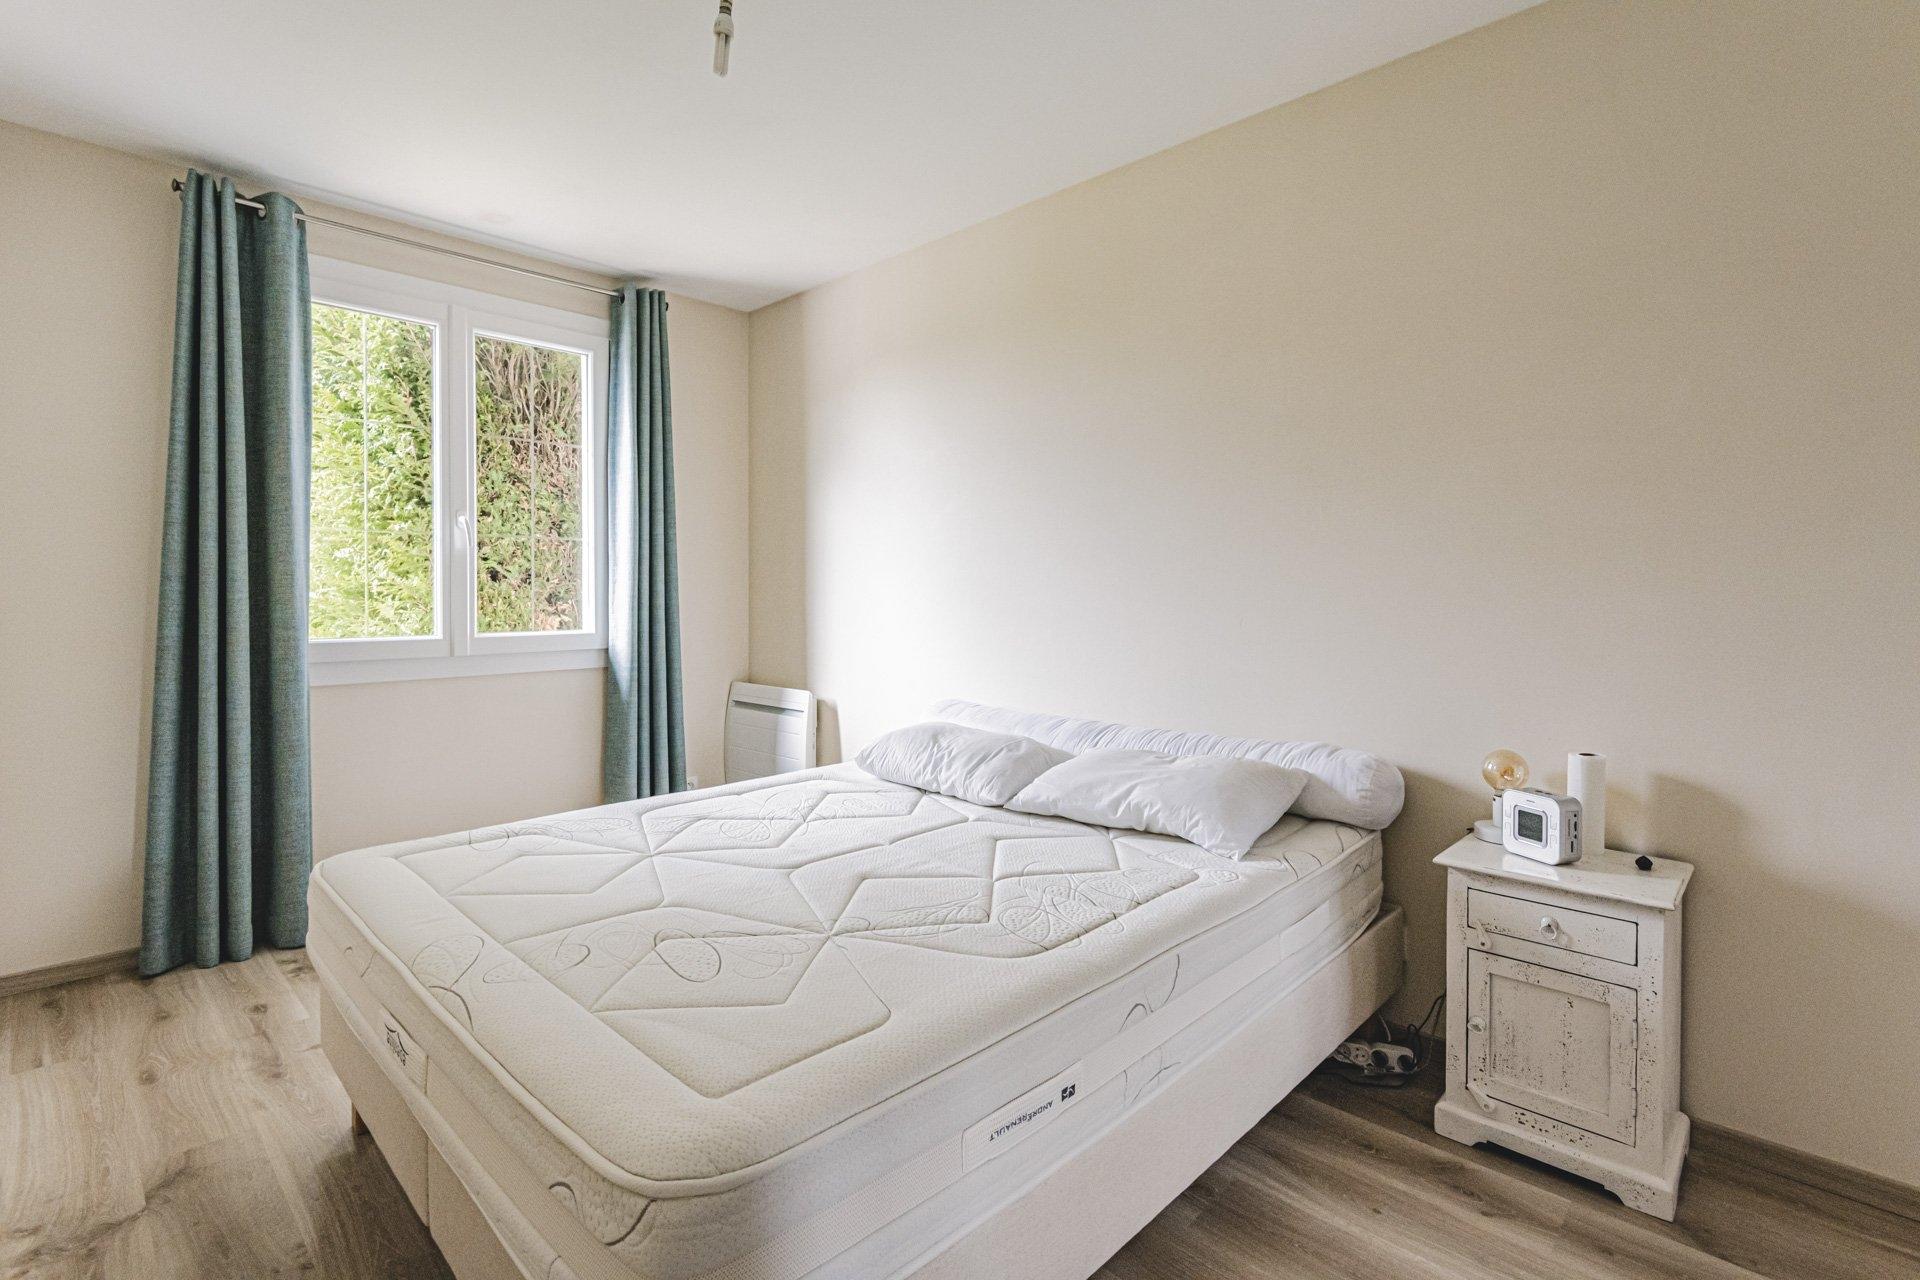 Maison Bouleuse 6 Pièces 140 m2 - 7